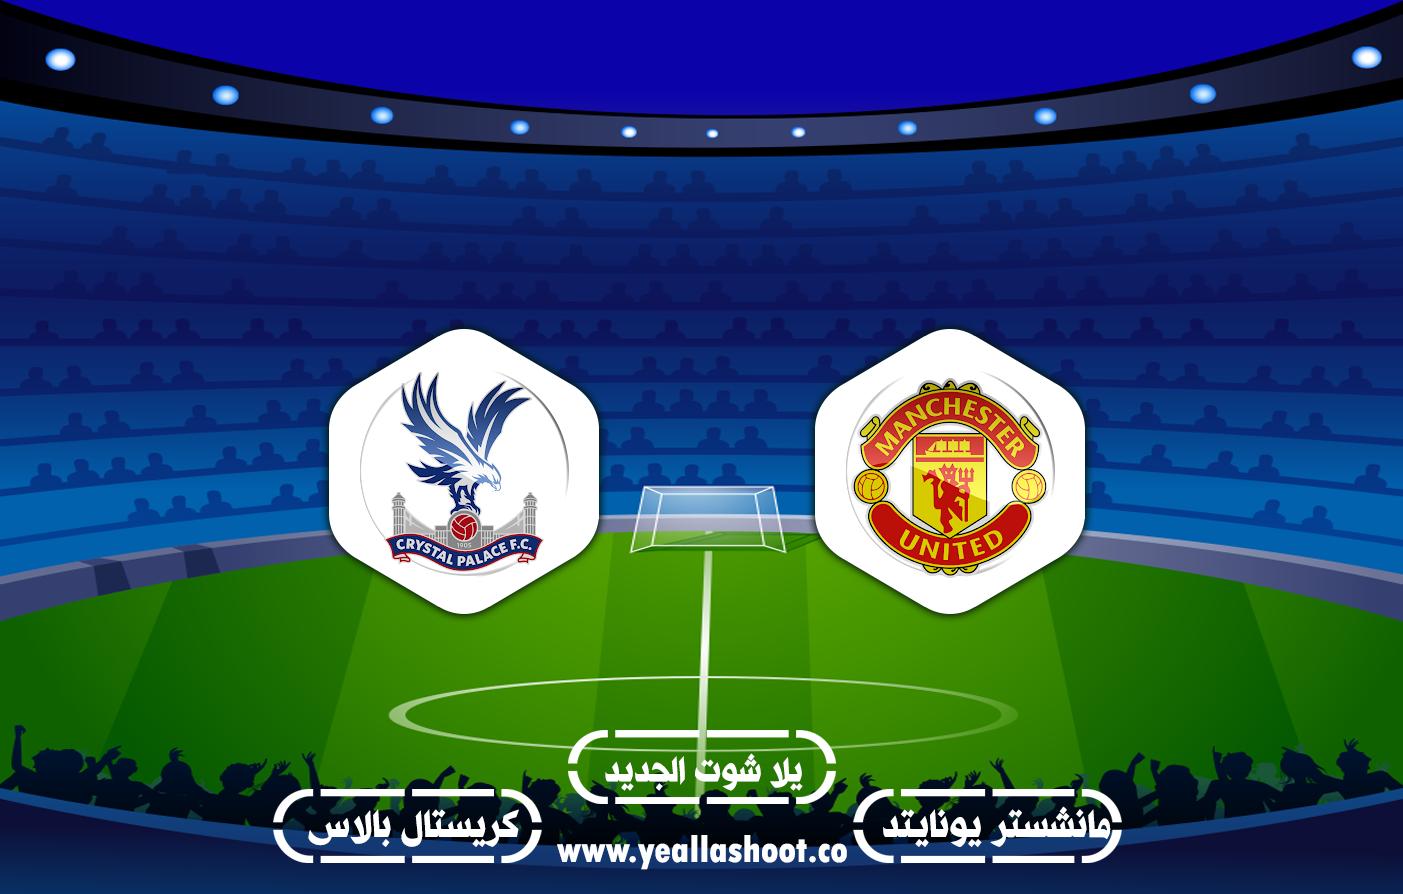 مشاهدة مباراة مانشستر يونايتد وكريستال بالاس بث مباشر 19-09-2020 الدوري الانجليزي